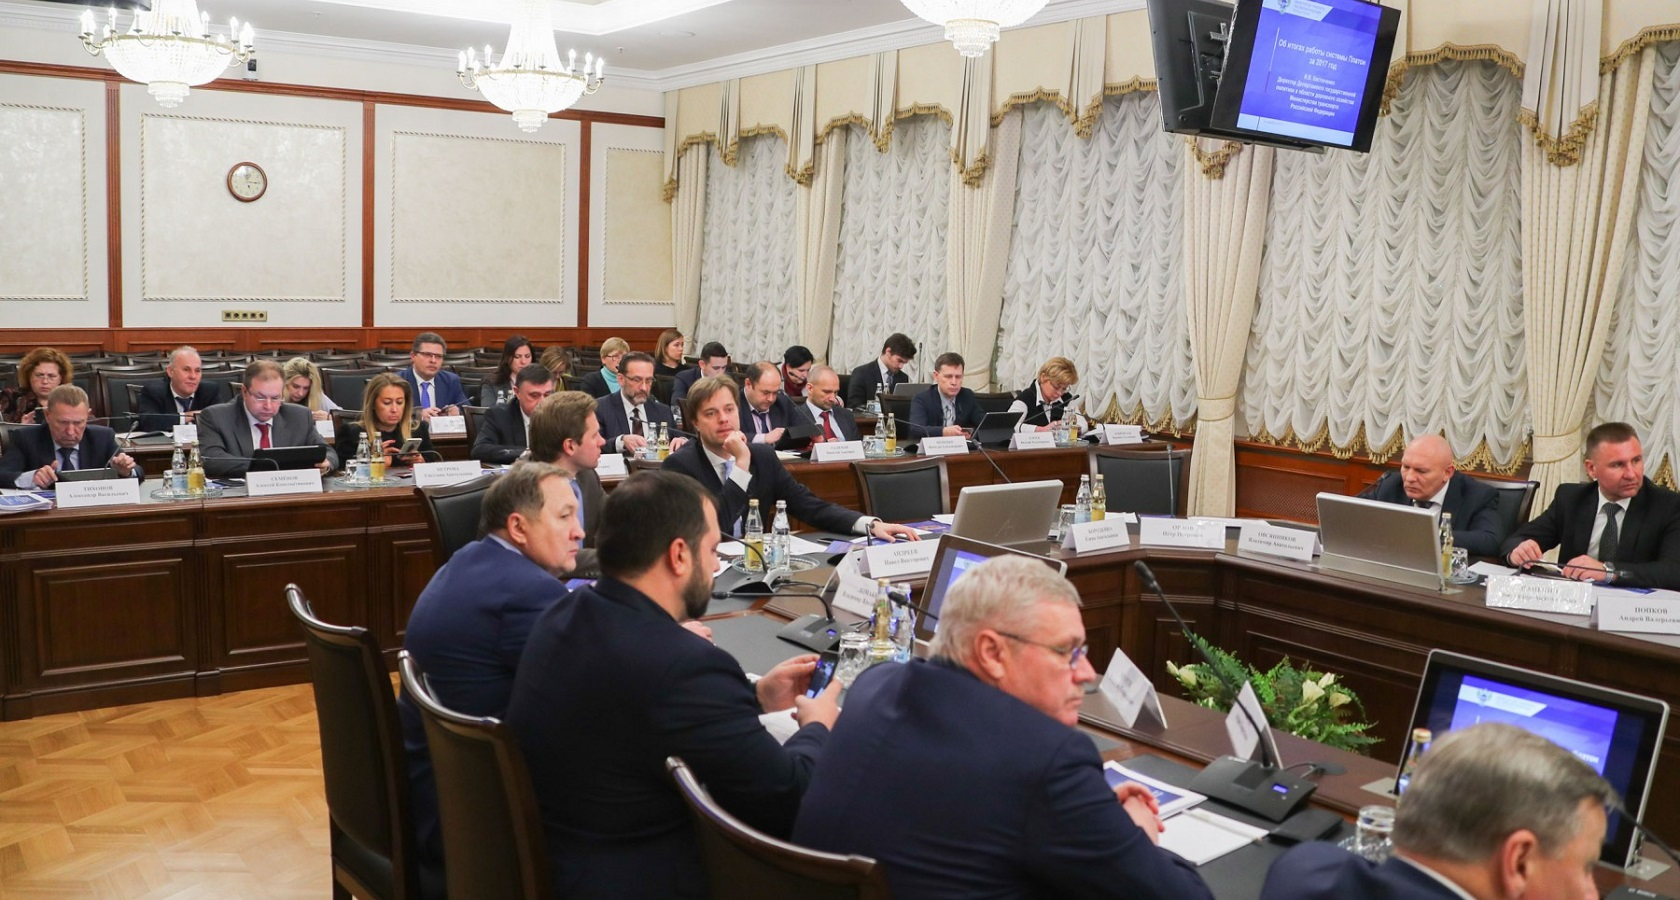 Государство продолжает работу по повышению эффективности работы системы «Платон» (фото: Минтранс РФ)